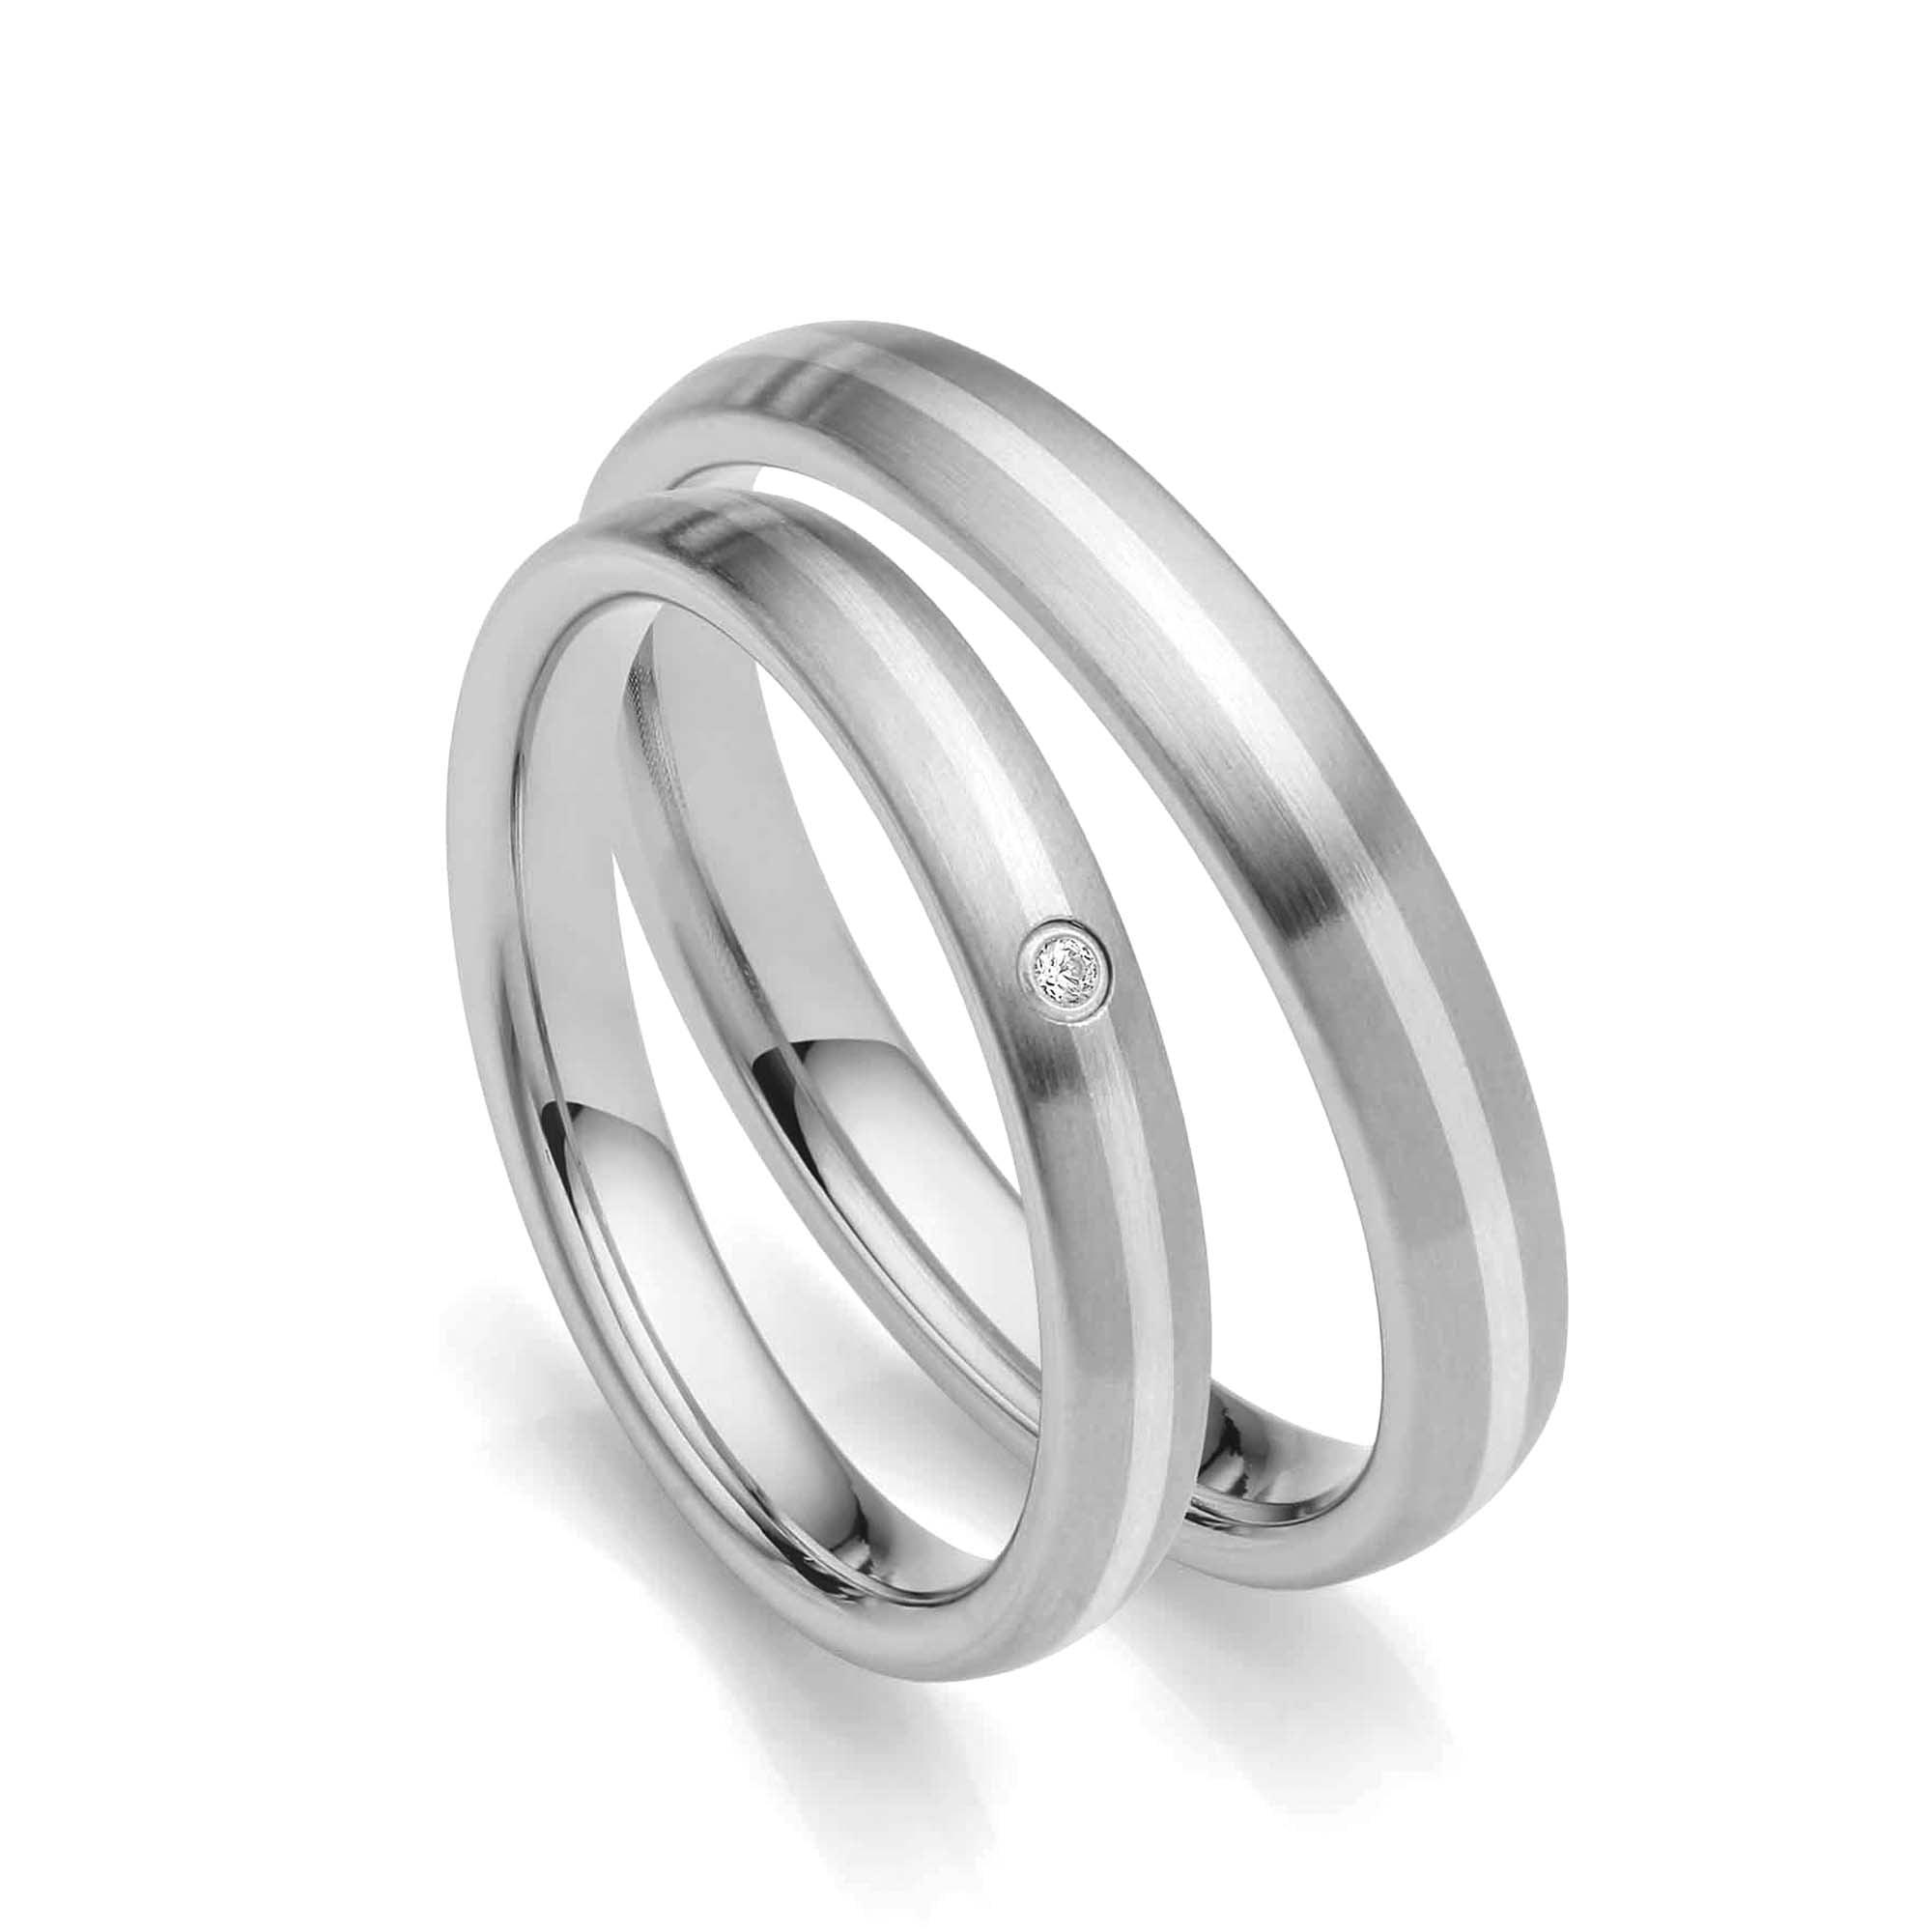 Juwelier Kraemer Freundschaftsringe Edelstahl 925 Silber 60 Mm